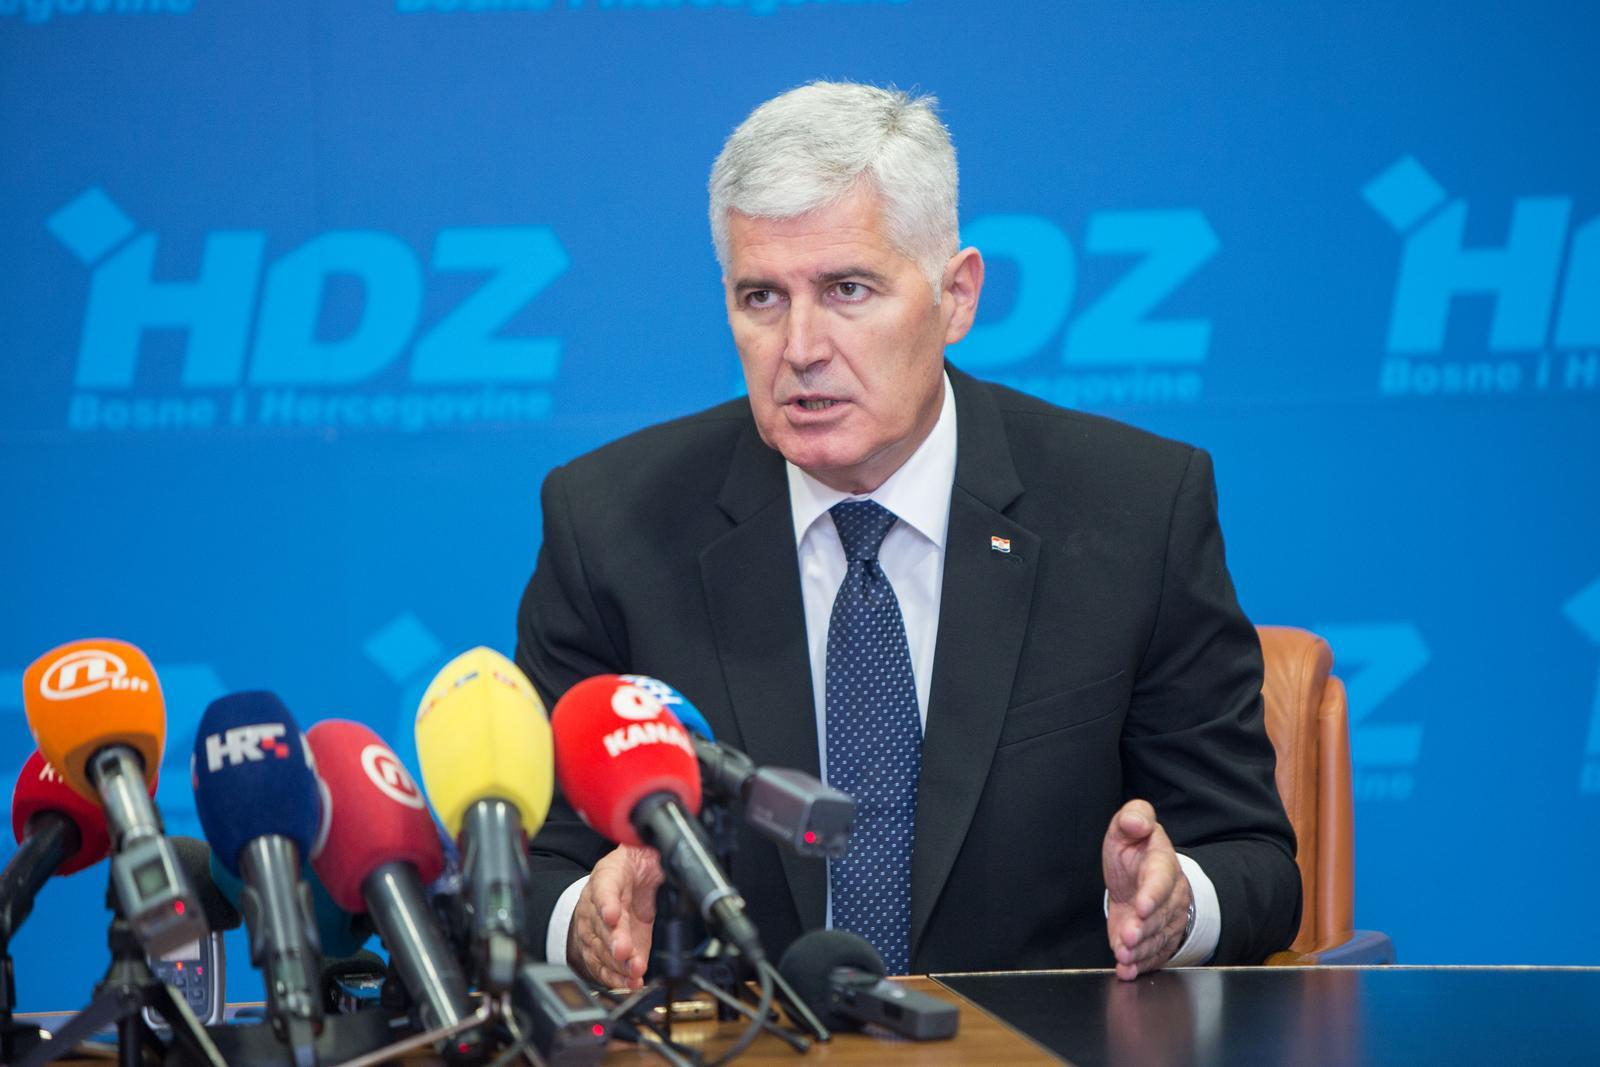 ČOVIĆ OTKRIO KAKO UREDITI BiH! OVO JE OZBILJNA IDEJA: 'U Federaciji s 11 vlada i parlamenta došli bi samo na dvije!'